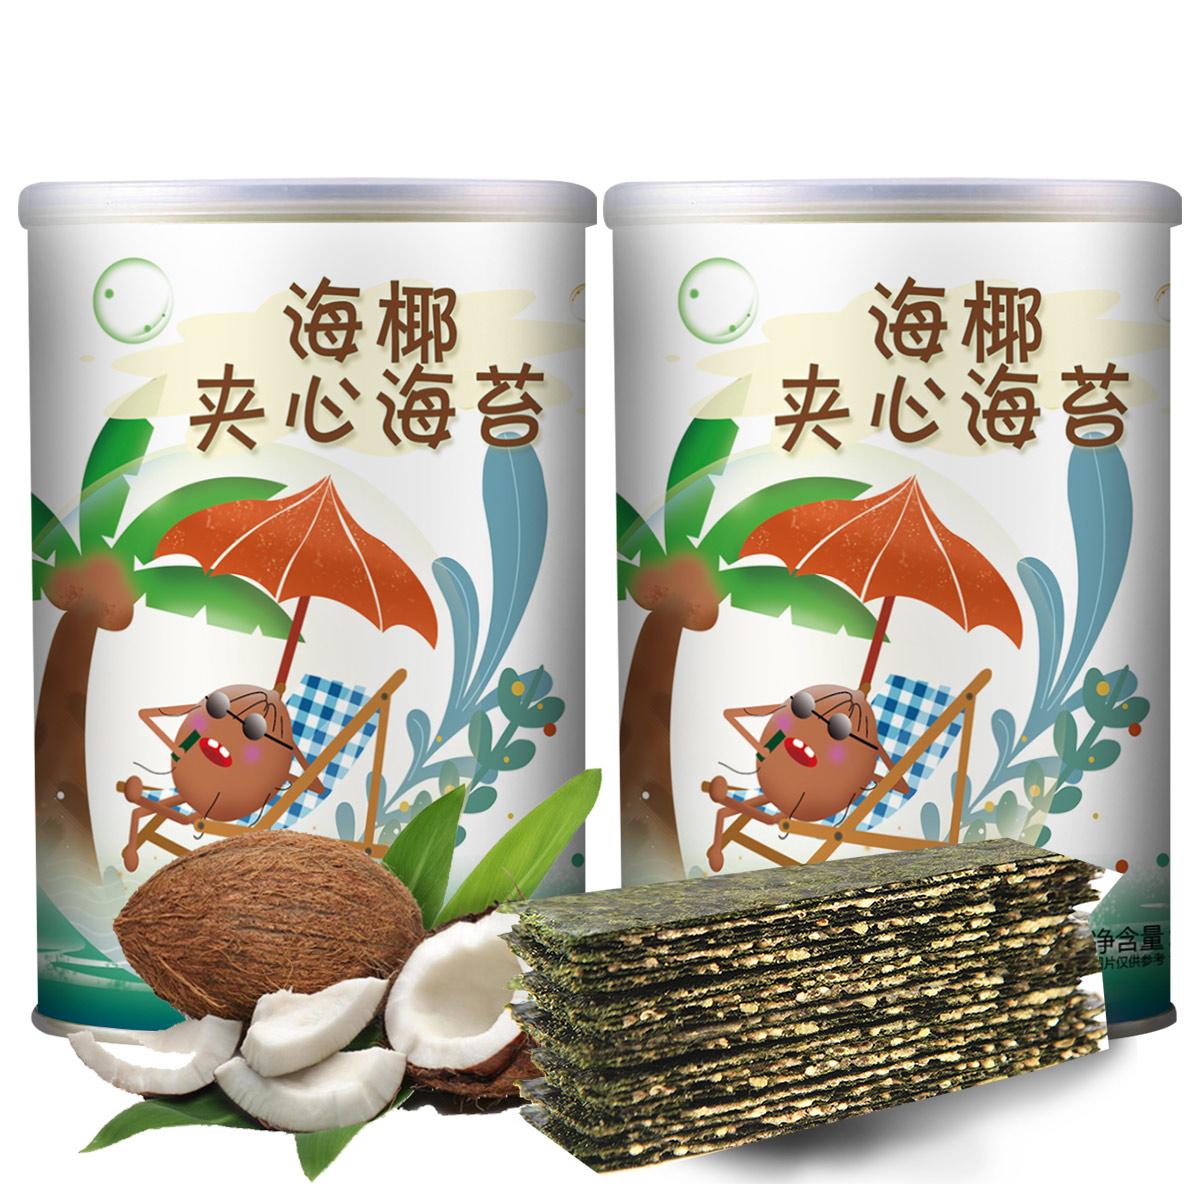 苏兰亭椰子味夹心海苔芝麻夹心海苔夹心脆儿童海苔即食海苔脆52g*2COLOR其它颜色